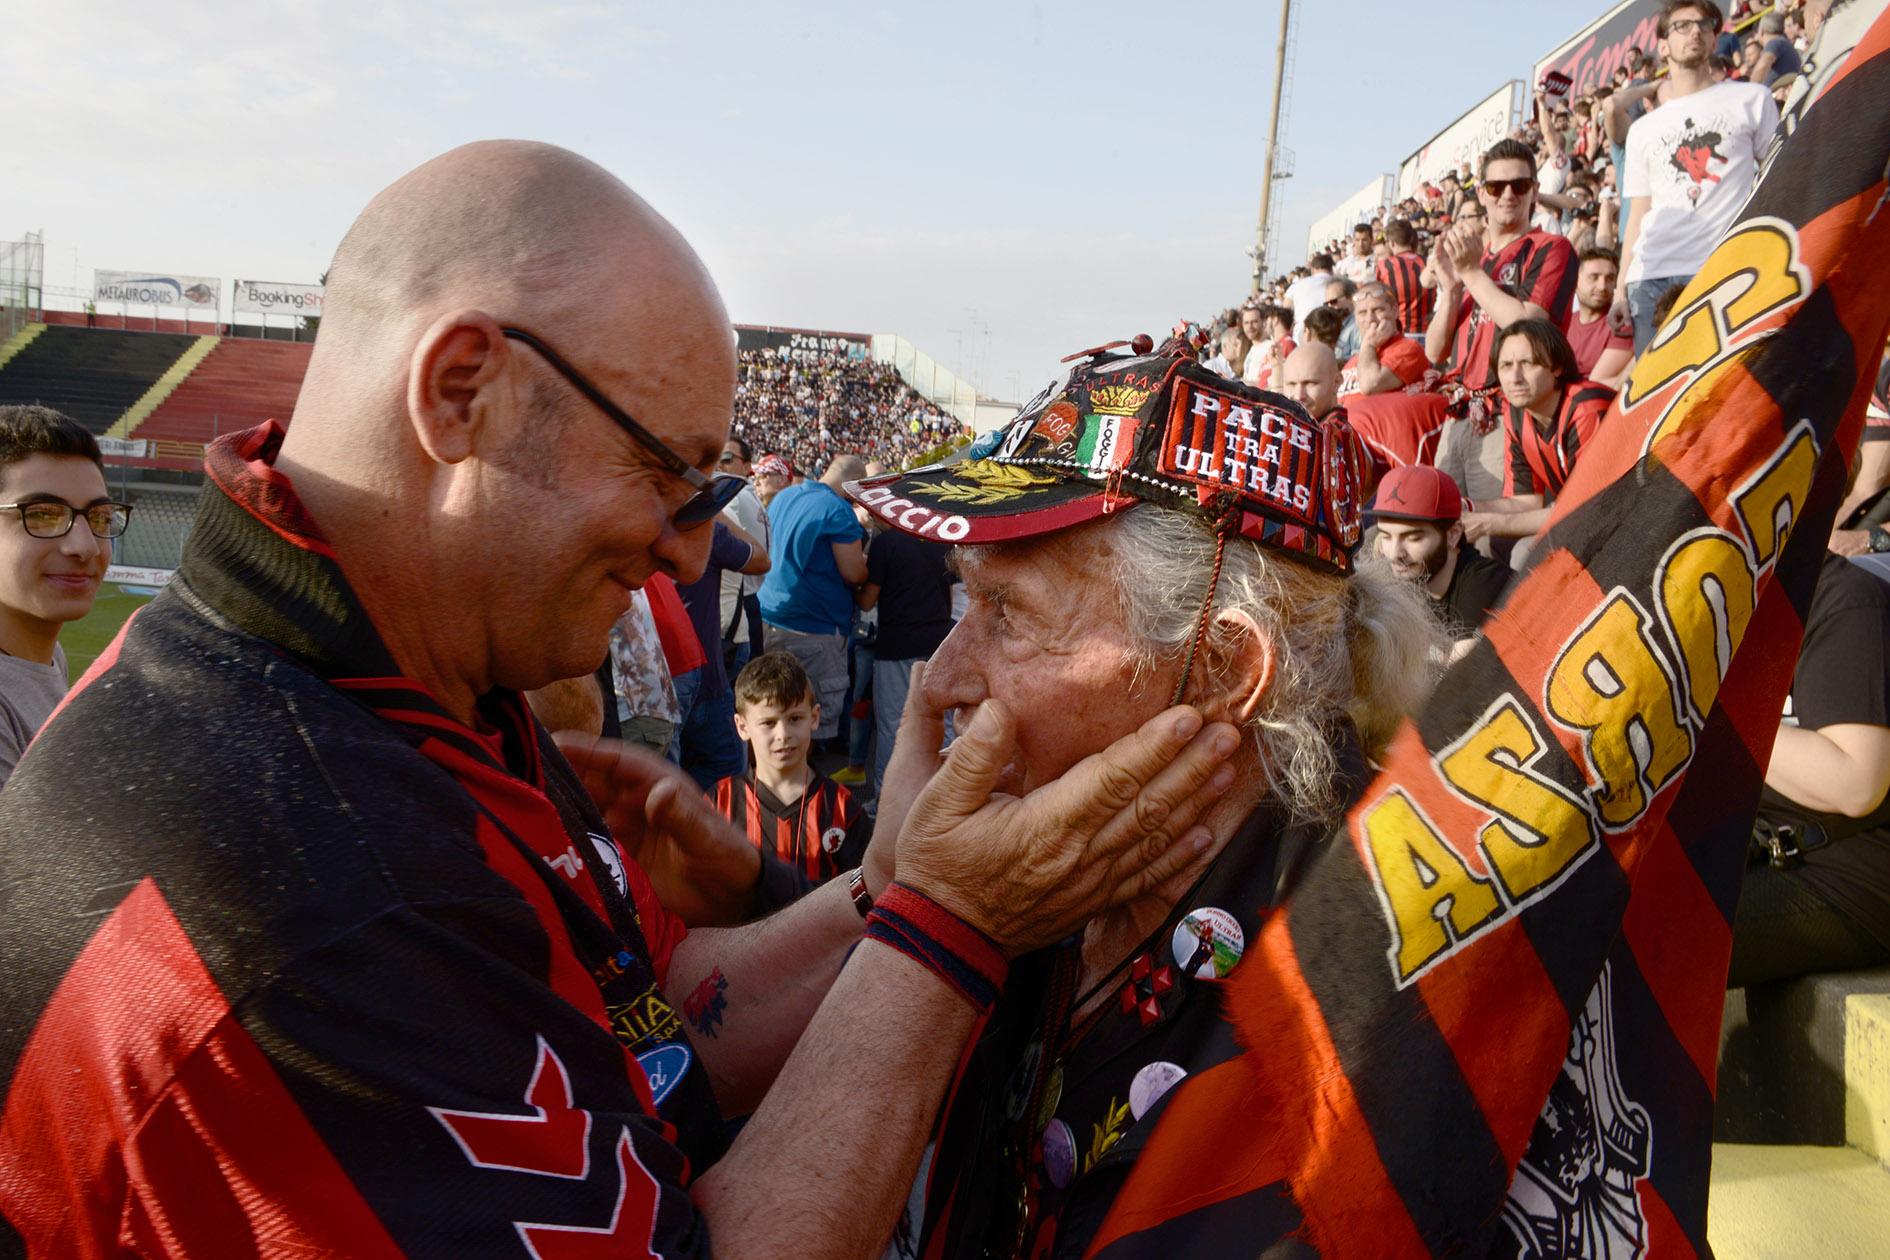 Im Stadion schüttelt der 91-Jährige den Polizisten die Hand. Die anderen Fans besingen ihn. Manche muss er regelrecht abwimmeln.